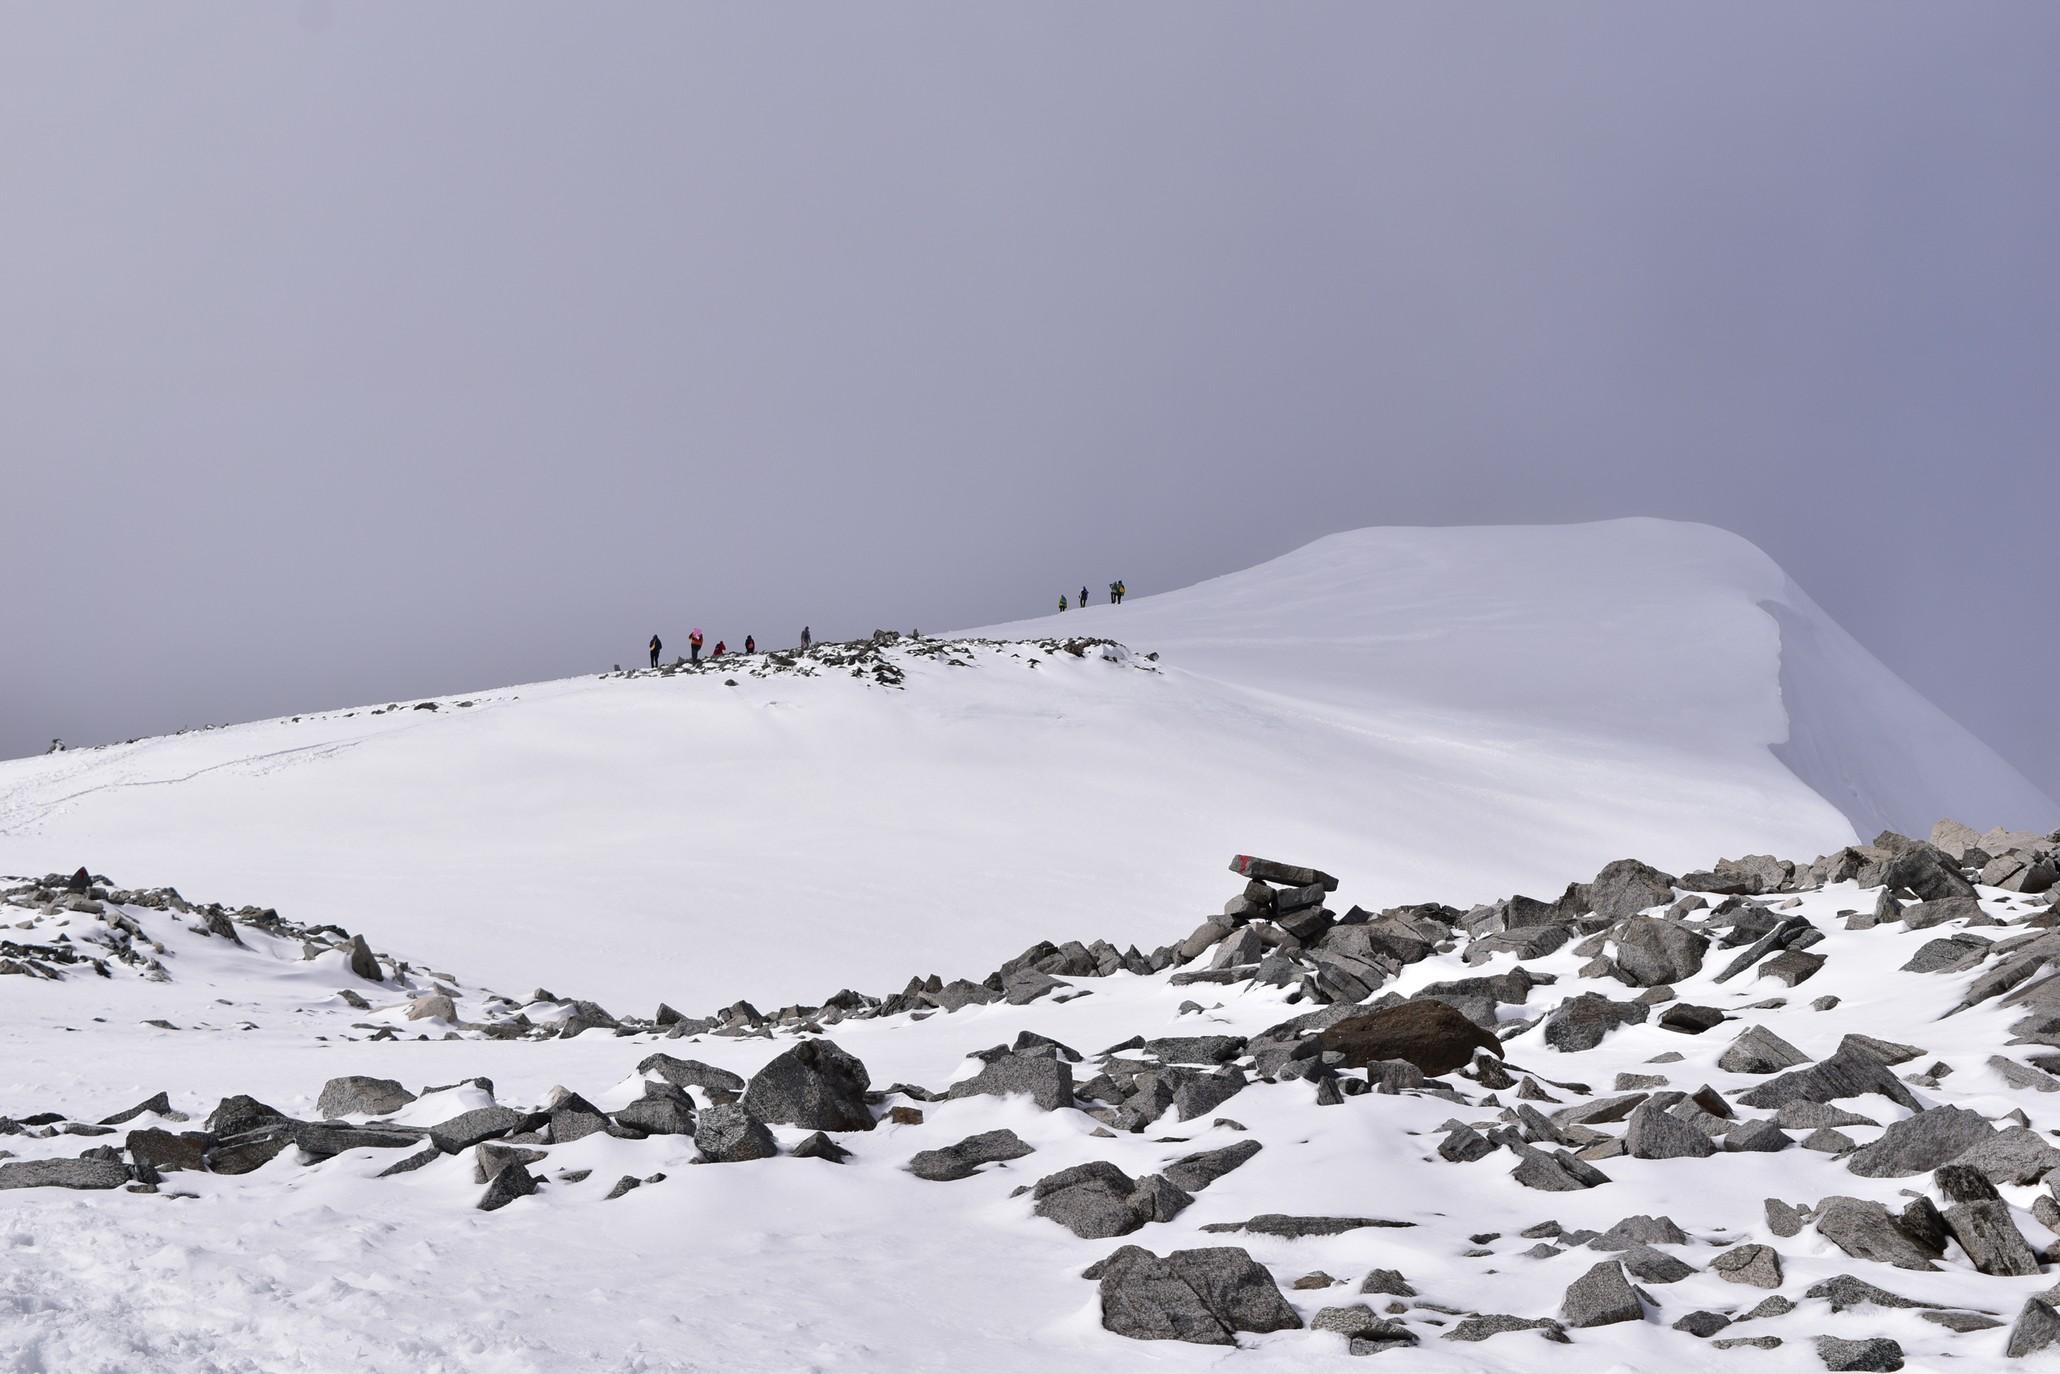 Der Gipfel zeigt sich nur kurz